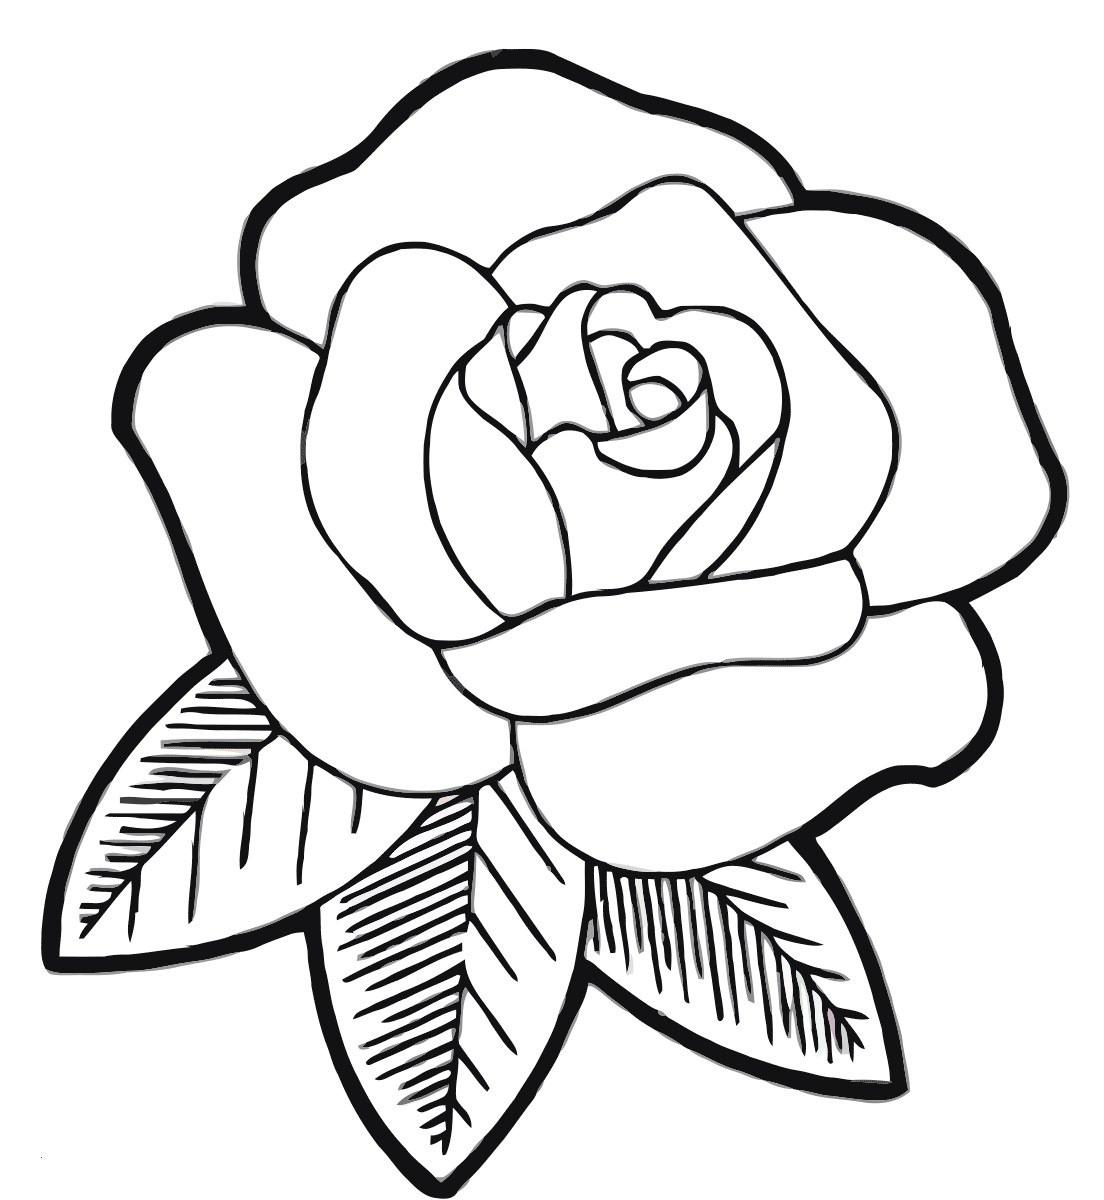 Blumenranken Zum Ausdrucken Genial 47 Schön Blumen Malvorlagen Beste Malvorlage Bild